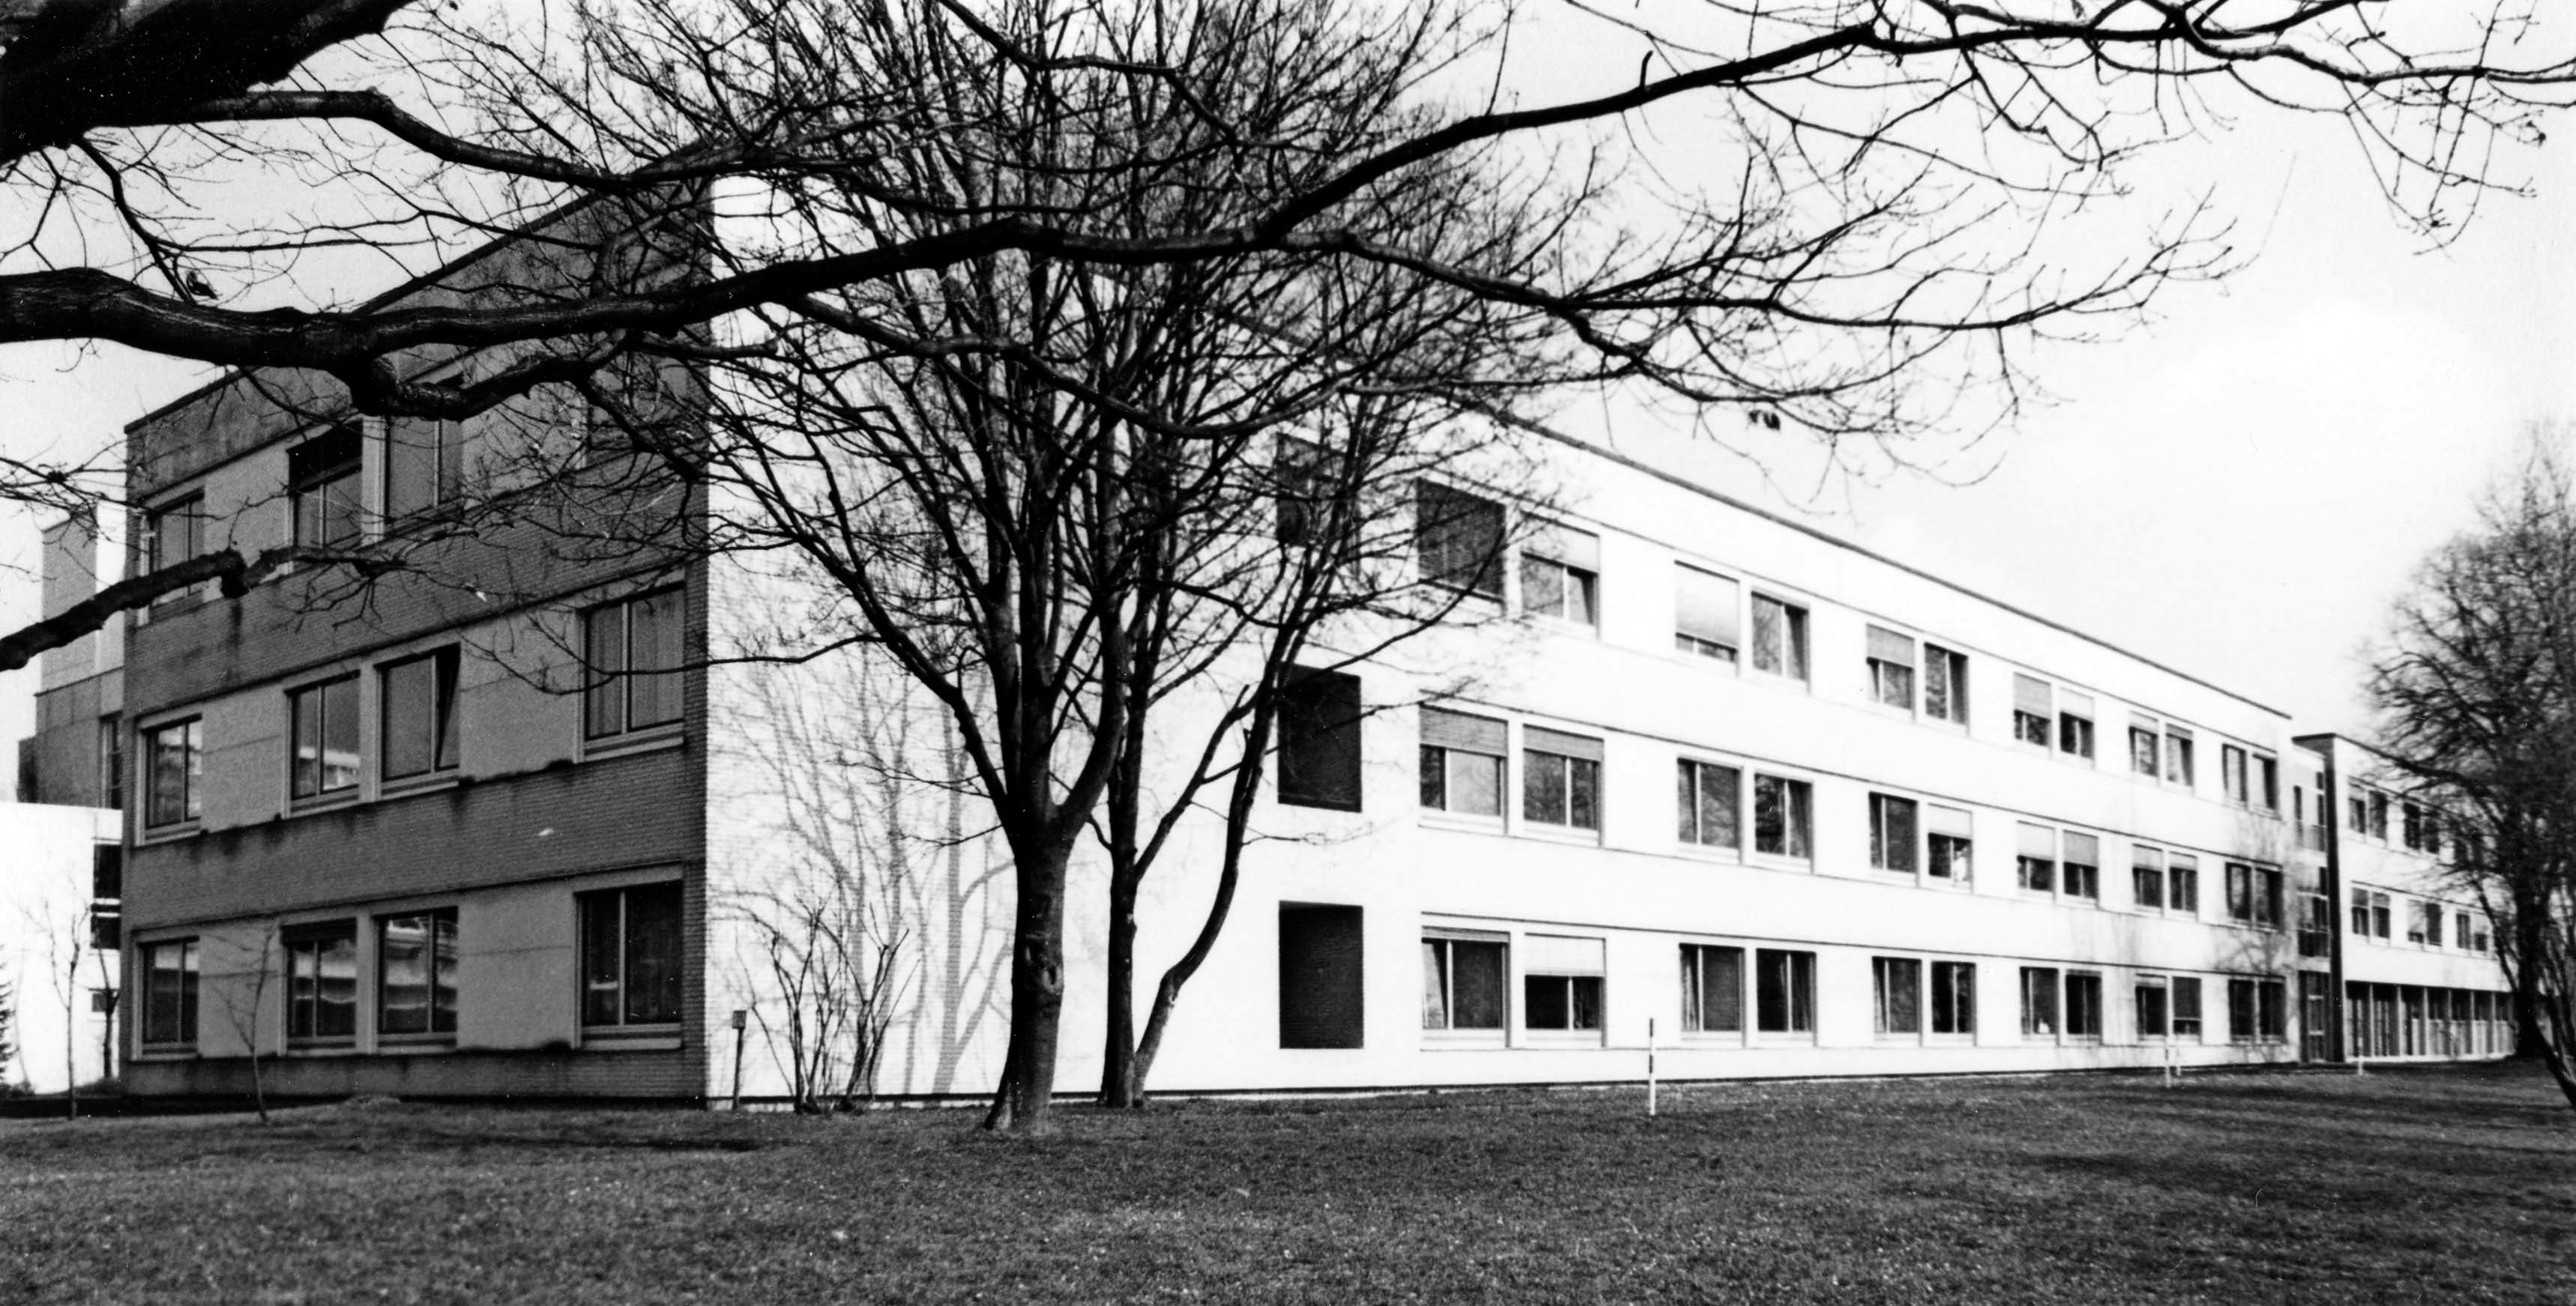 Neubau in den 1960er-Jahren: Das Krankenhaus in Brackenheim verfügte damals über 180 Betten. Foto: SLK